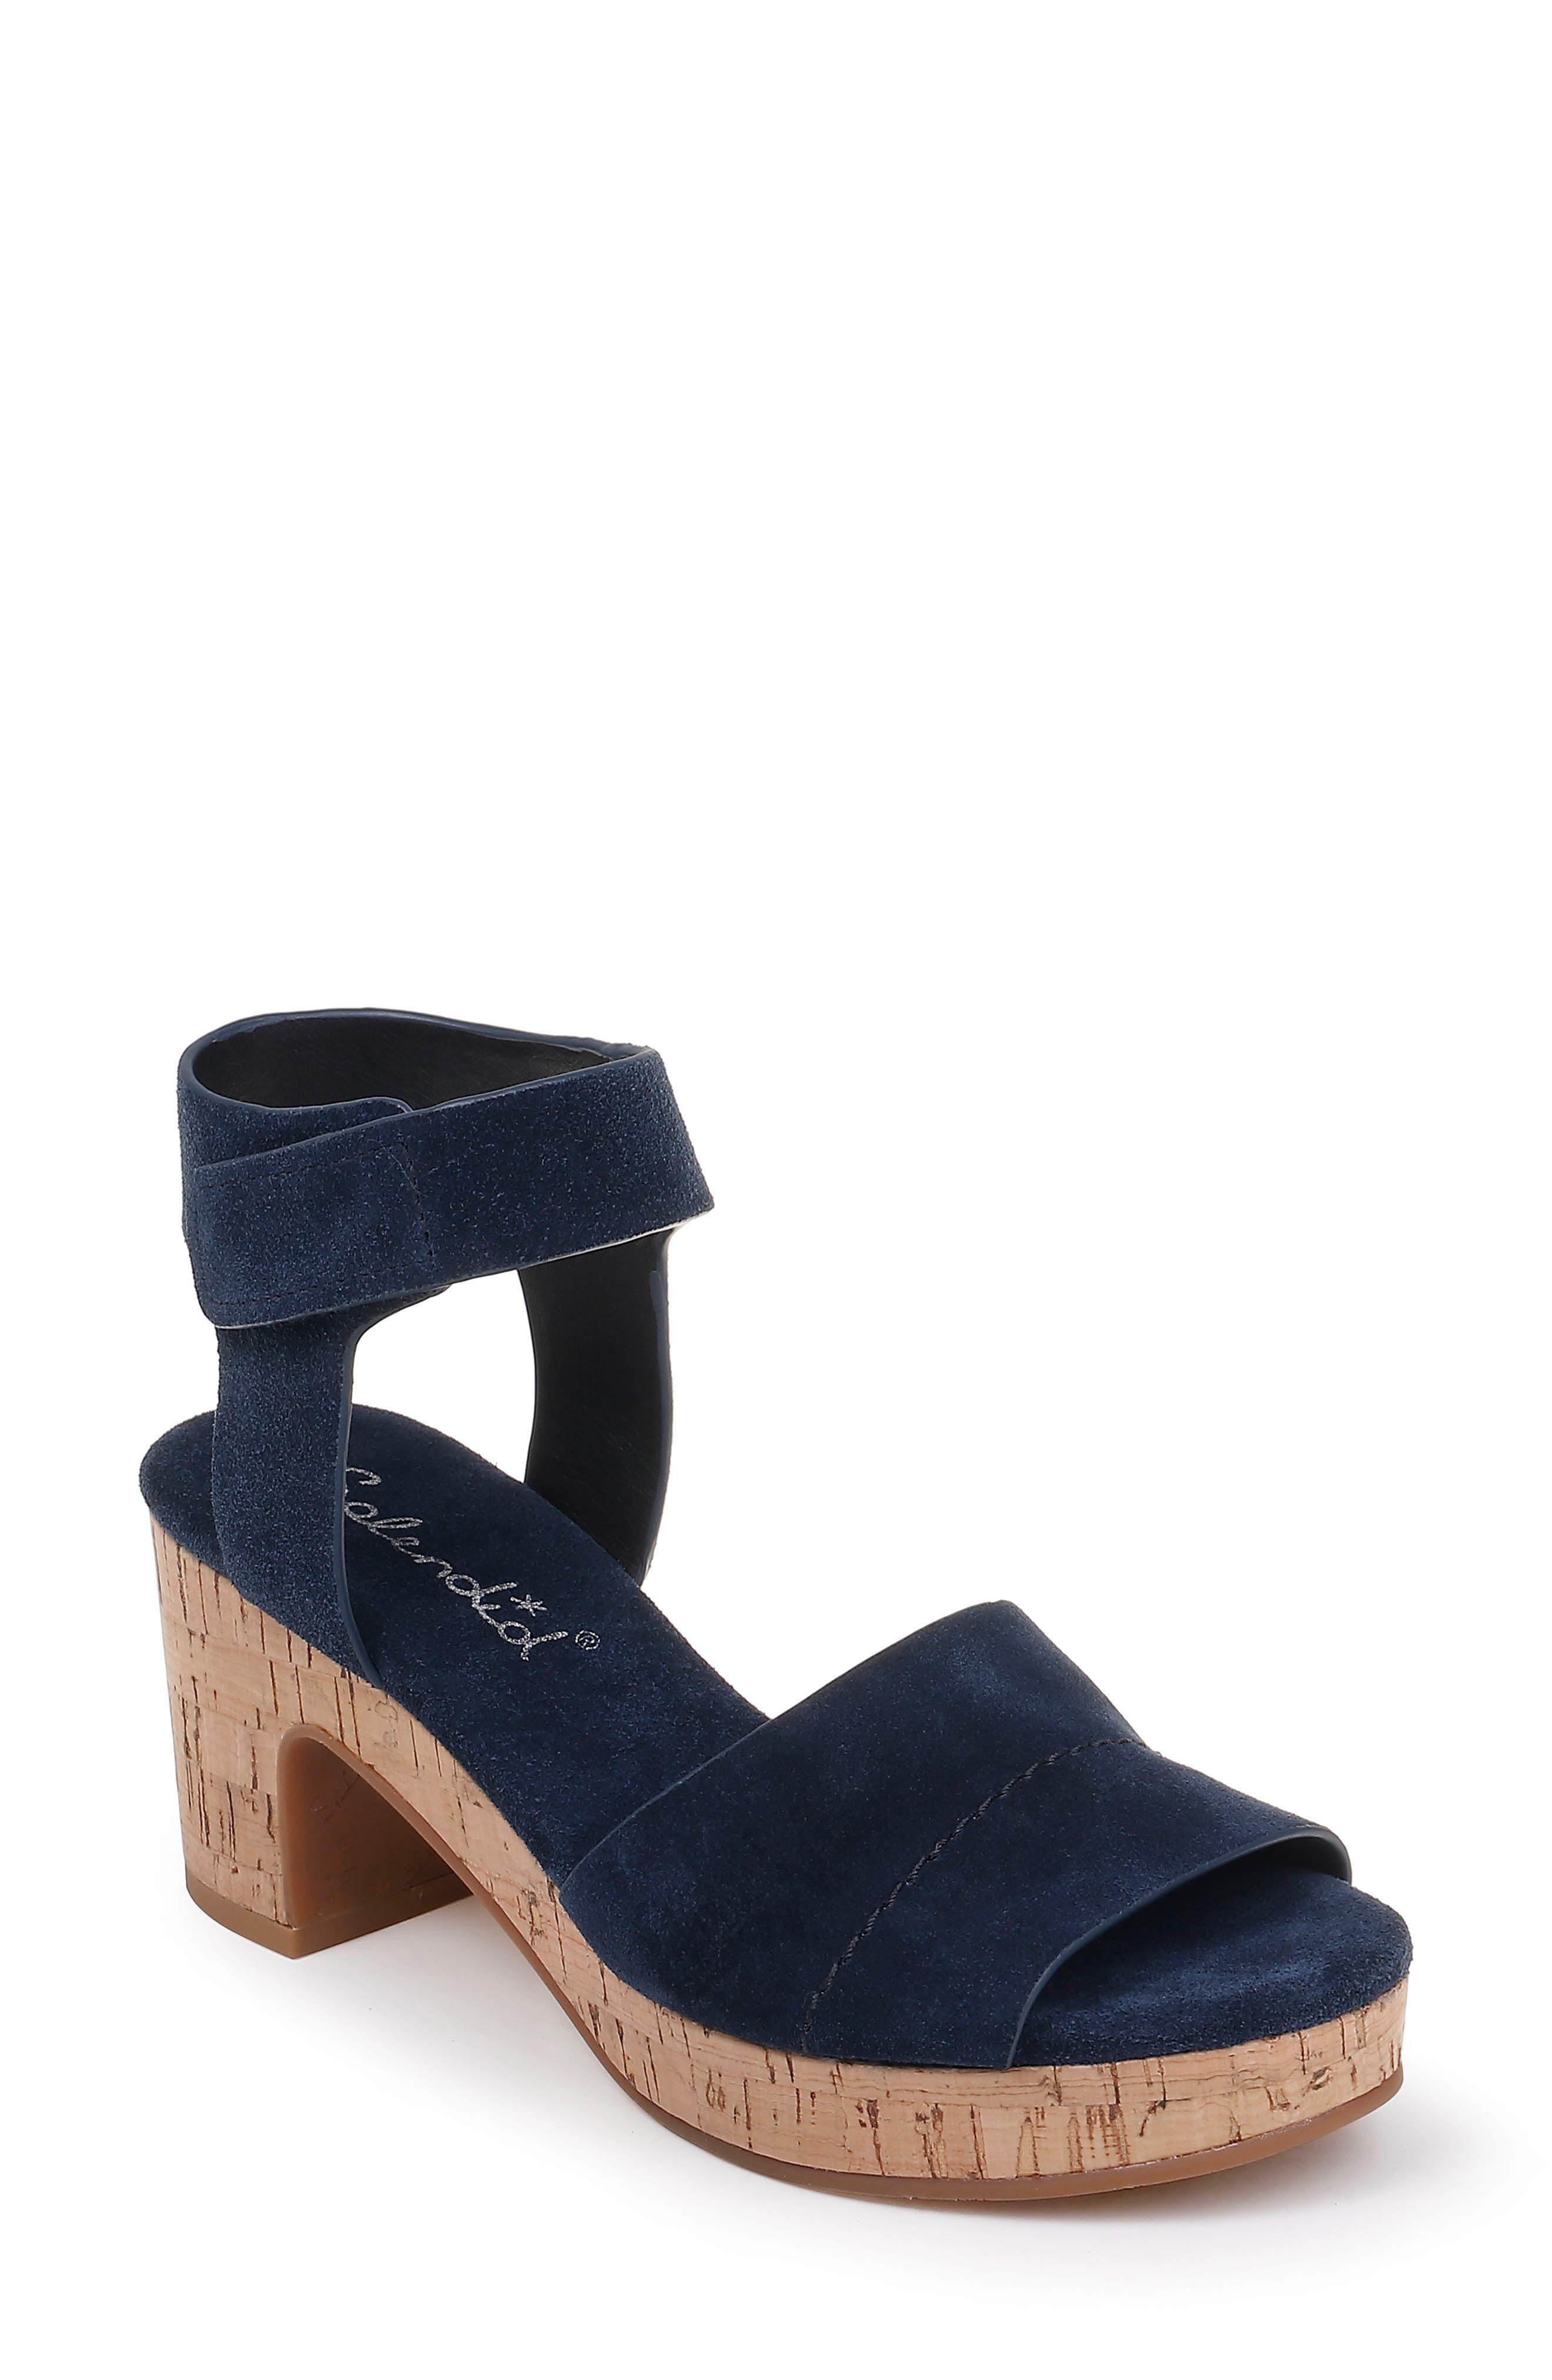 SPLENDID, Thatcher Platform Ankle Strap Sandal, Main thumbnail 1, color, NAVY SUEDE